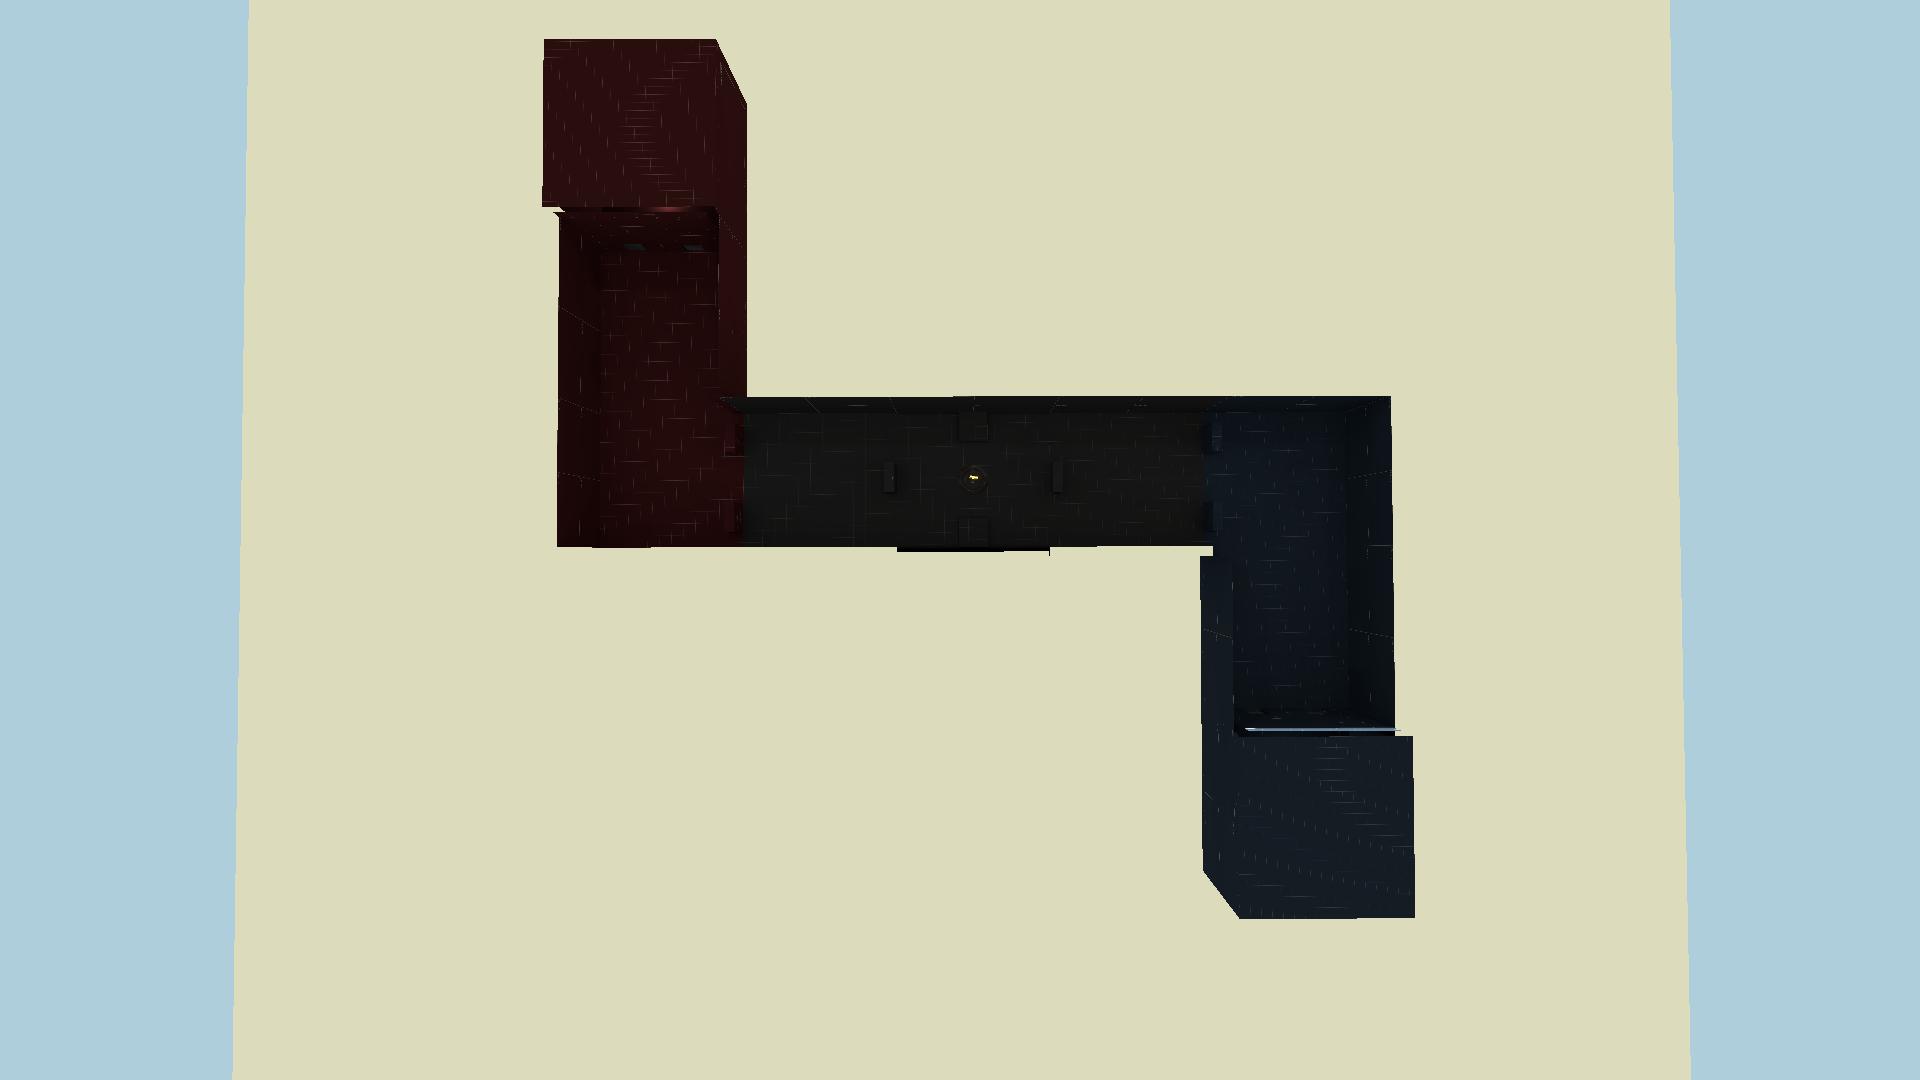 koth_corridor_a1.png